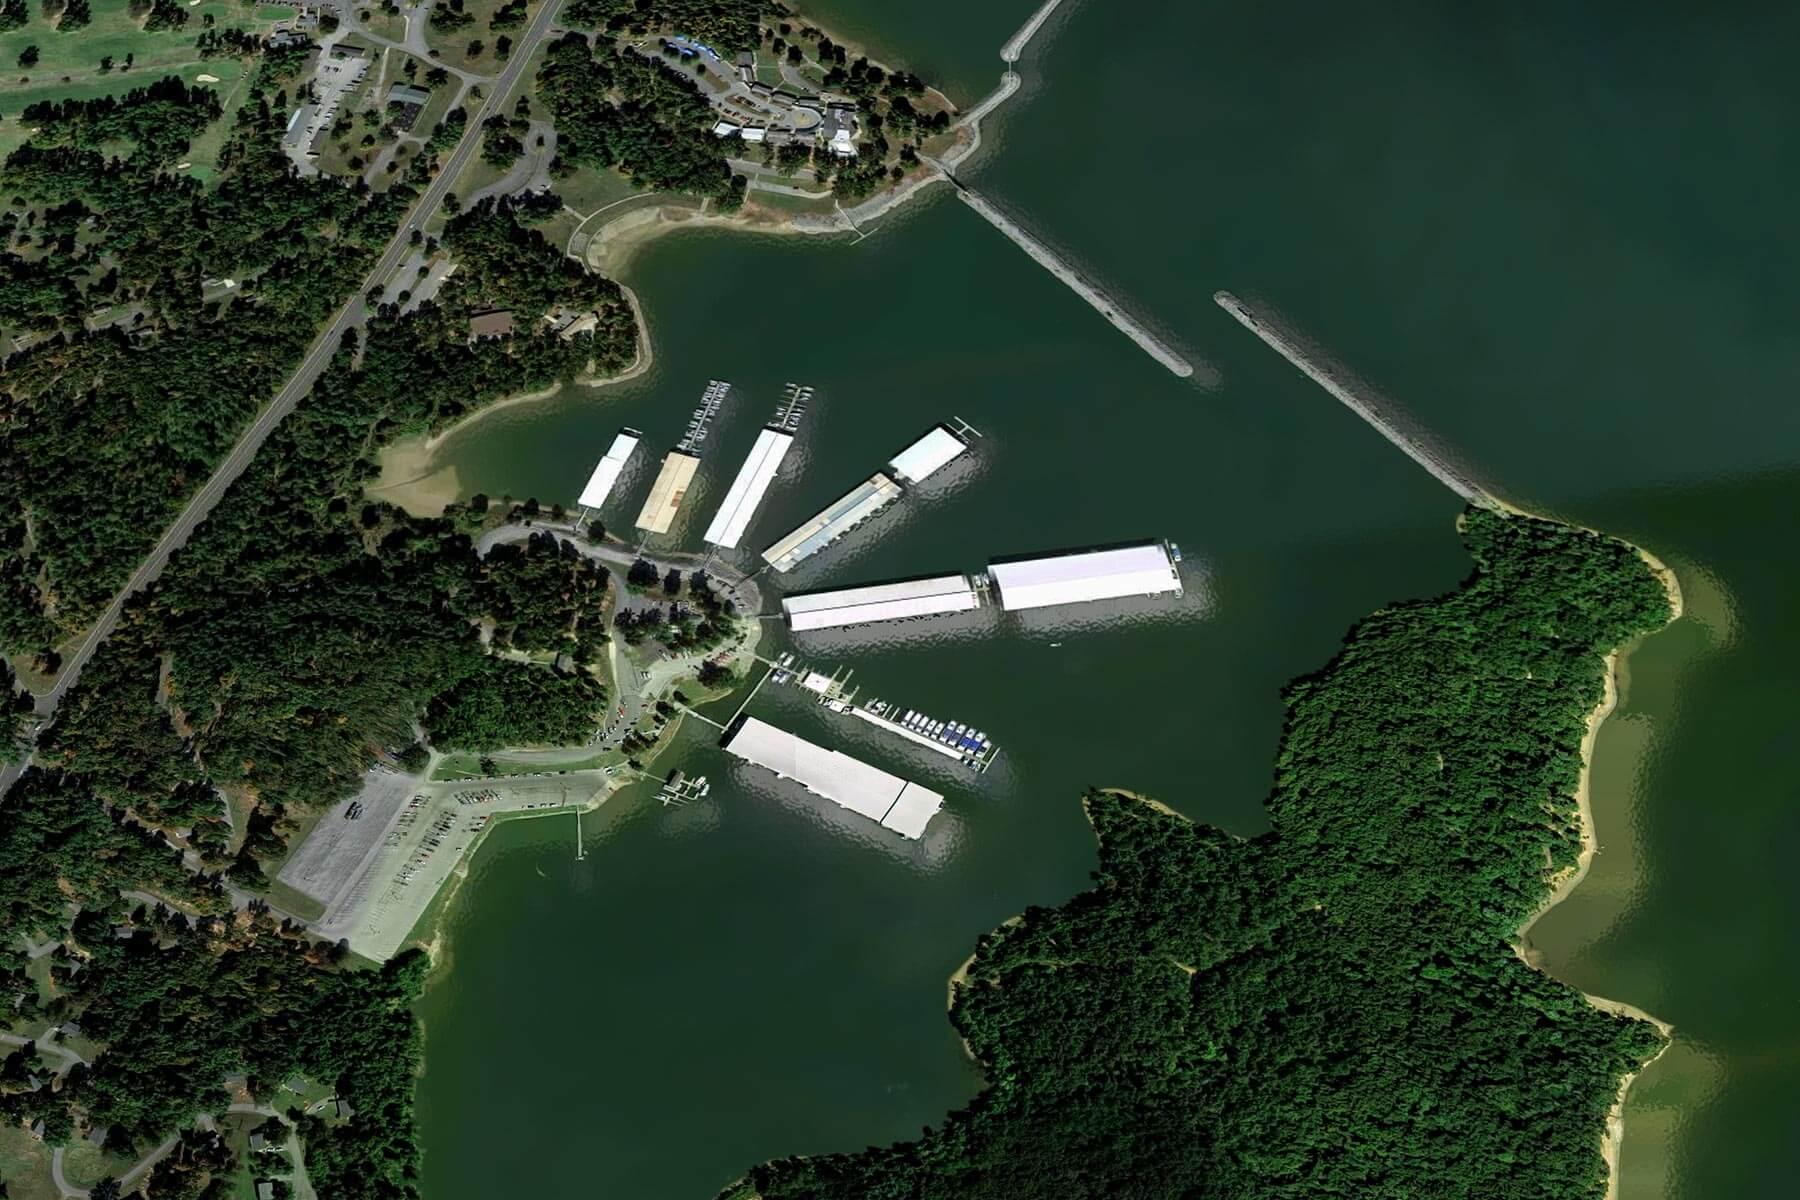 Kentucky Dam Marina in Gilbertsville, KY